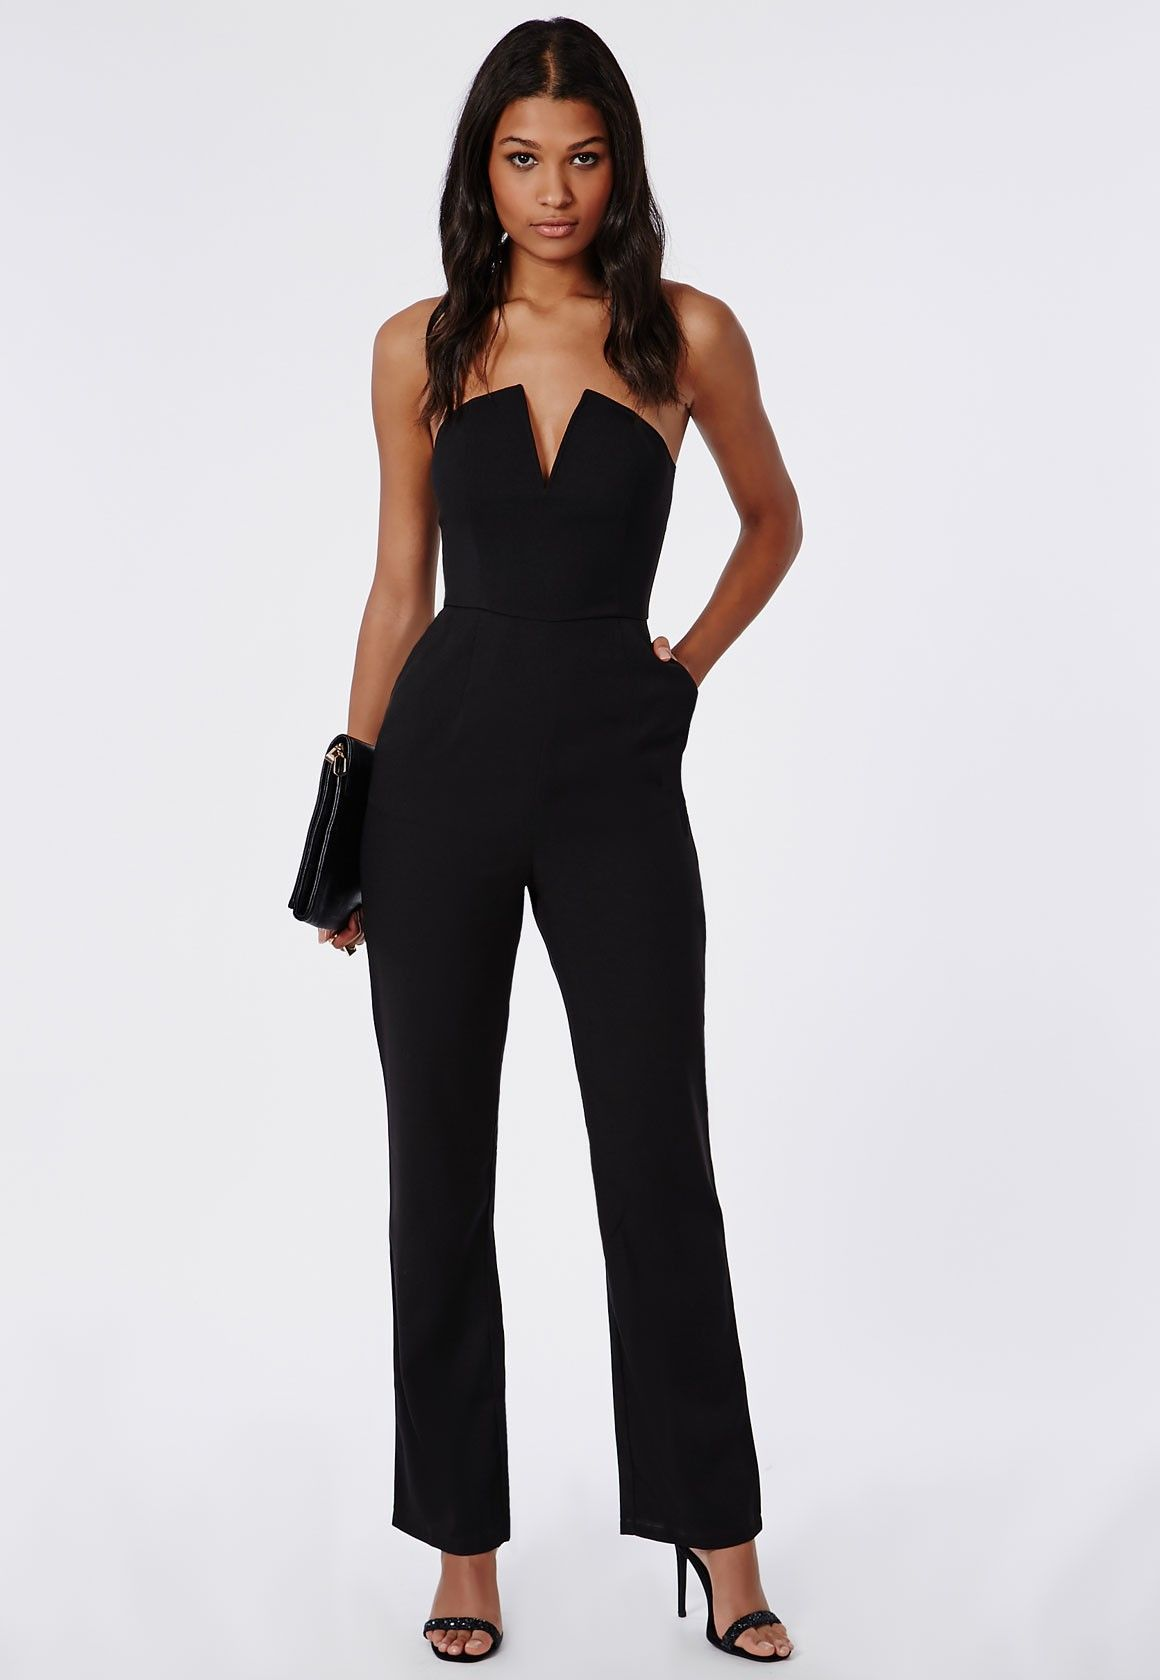 bandeau plunge wide leg jumpsuit black pinterest combinaison bustier d collet plongeant et. Black Bedroom Furniture Sets. Home Design Ideas